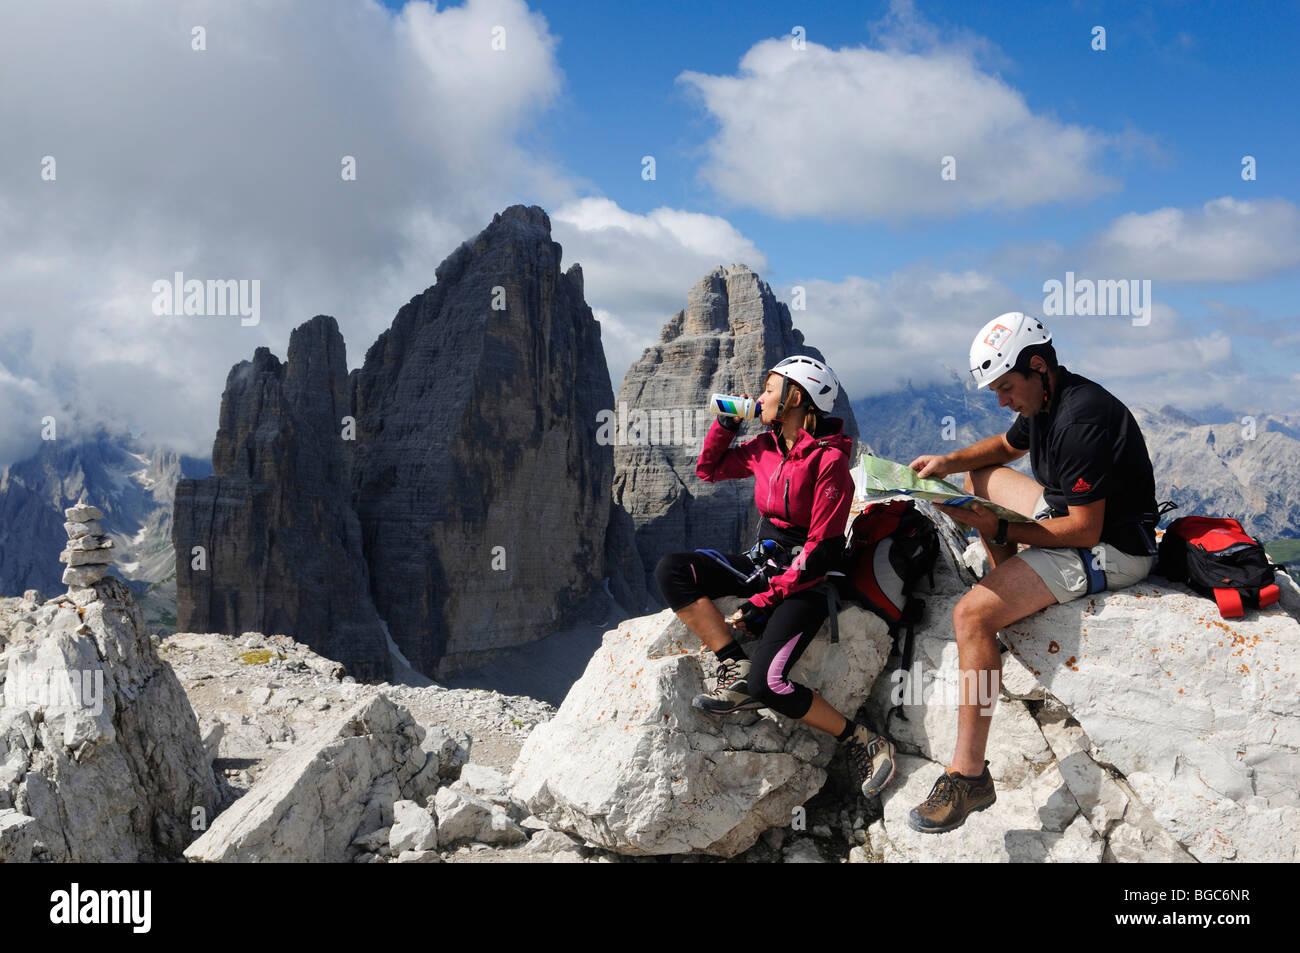 Klettersteig Italien : Kletterer am klettersteig auf paterno drei zinnen alta pusteria